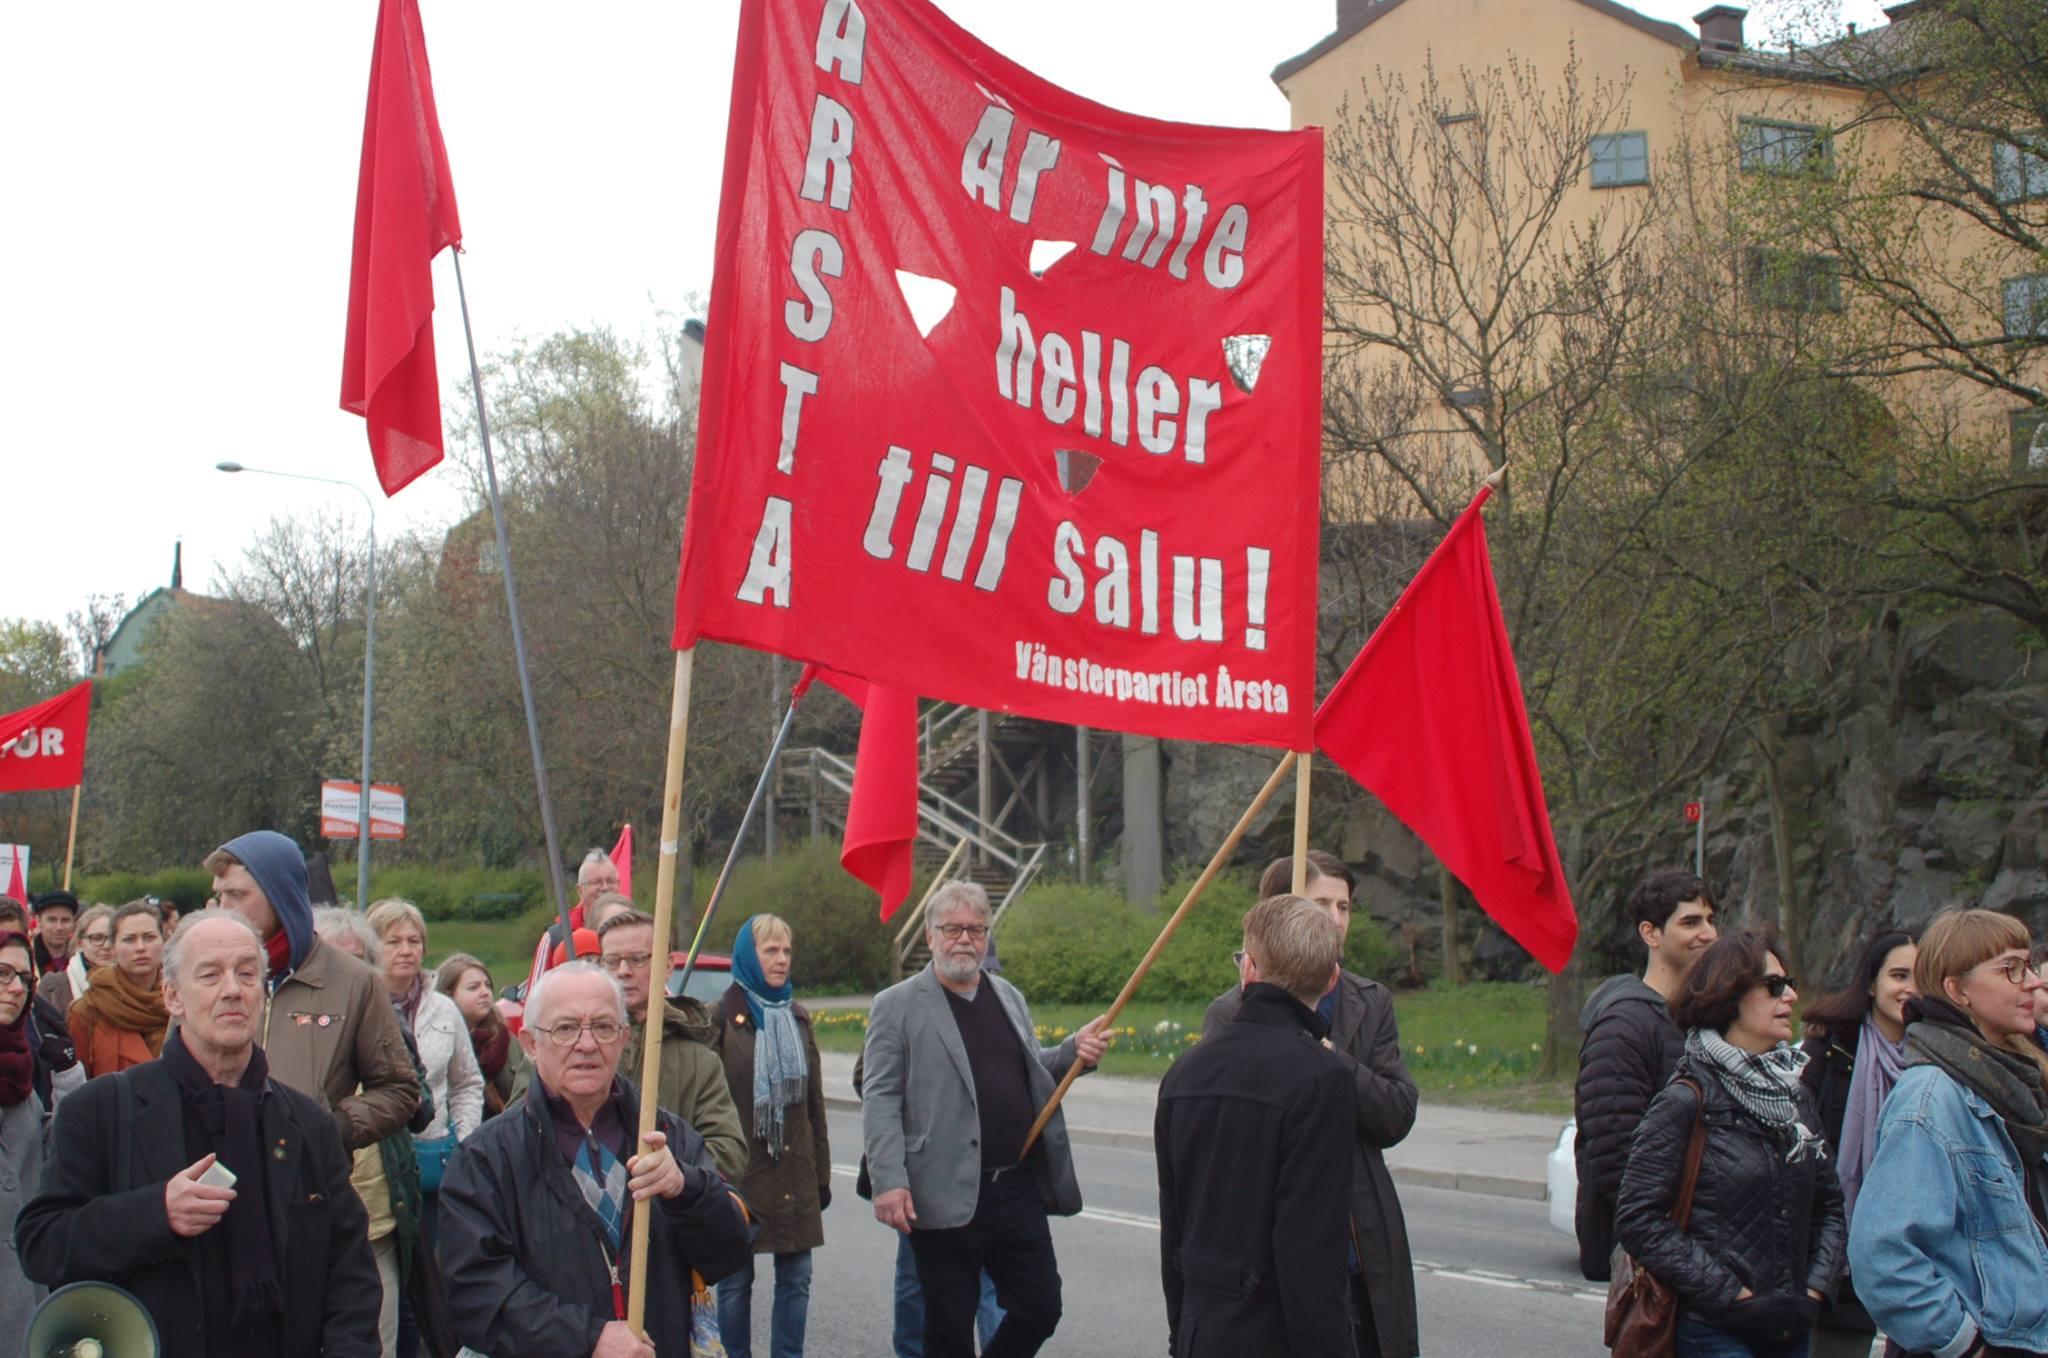 partiföreningens banderoll